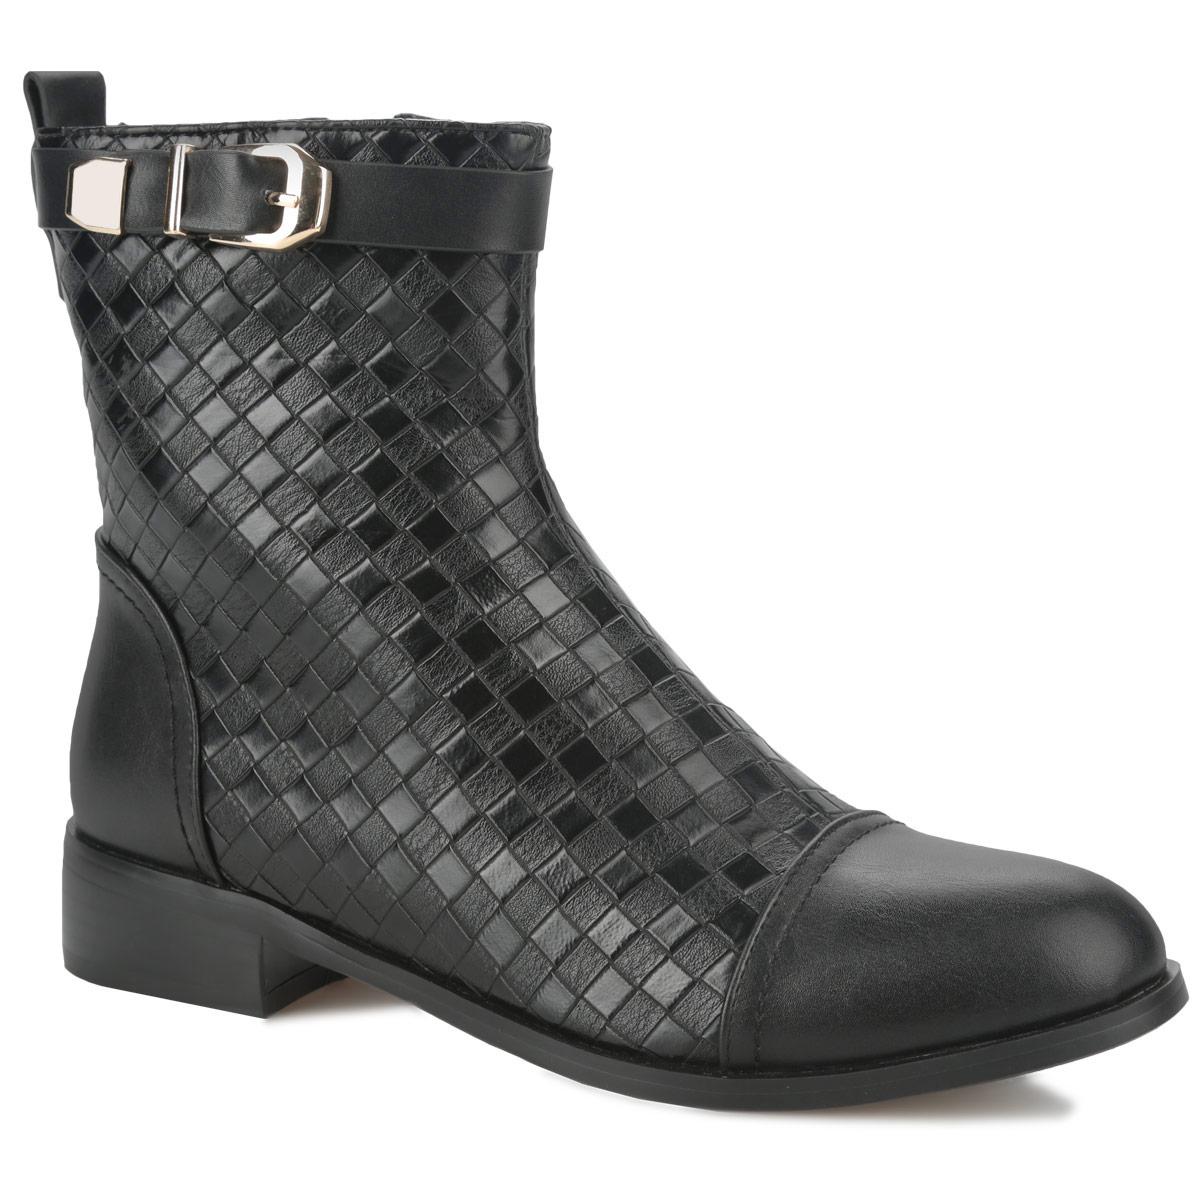 Ботинки женские. 60119-01-1B60119-01-1BТрендовые ботинки от Inario займут достойное место в вашем гардеробе. Модель выполнена из искусственной кожи и оформлена тиснением в виде ромбов. Голенище опоясывает декоративный ремешок с металлической пряжкой. Ярлычок на заднике облегчает надевание обуви. Ботинки застегиваются на боковую застежку-молнию. Мягкая подкладка и стелька из байки сохраняют тепло, обеспечивая максимальный комфорт при движении. Невысокий каблук устойчив. Рифленая поверхность каблука и подошвы защищает изделие от скольжения. В таких стильных ботинках вашим ногам будет комфортно и уютно!